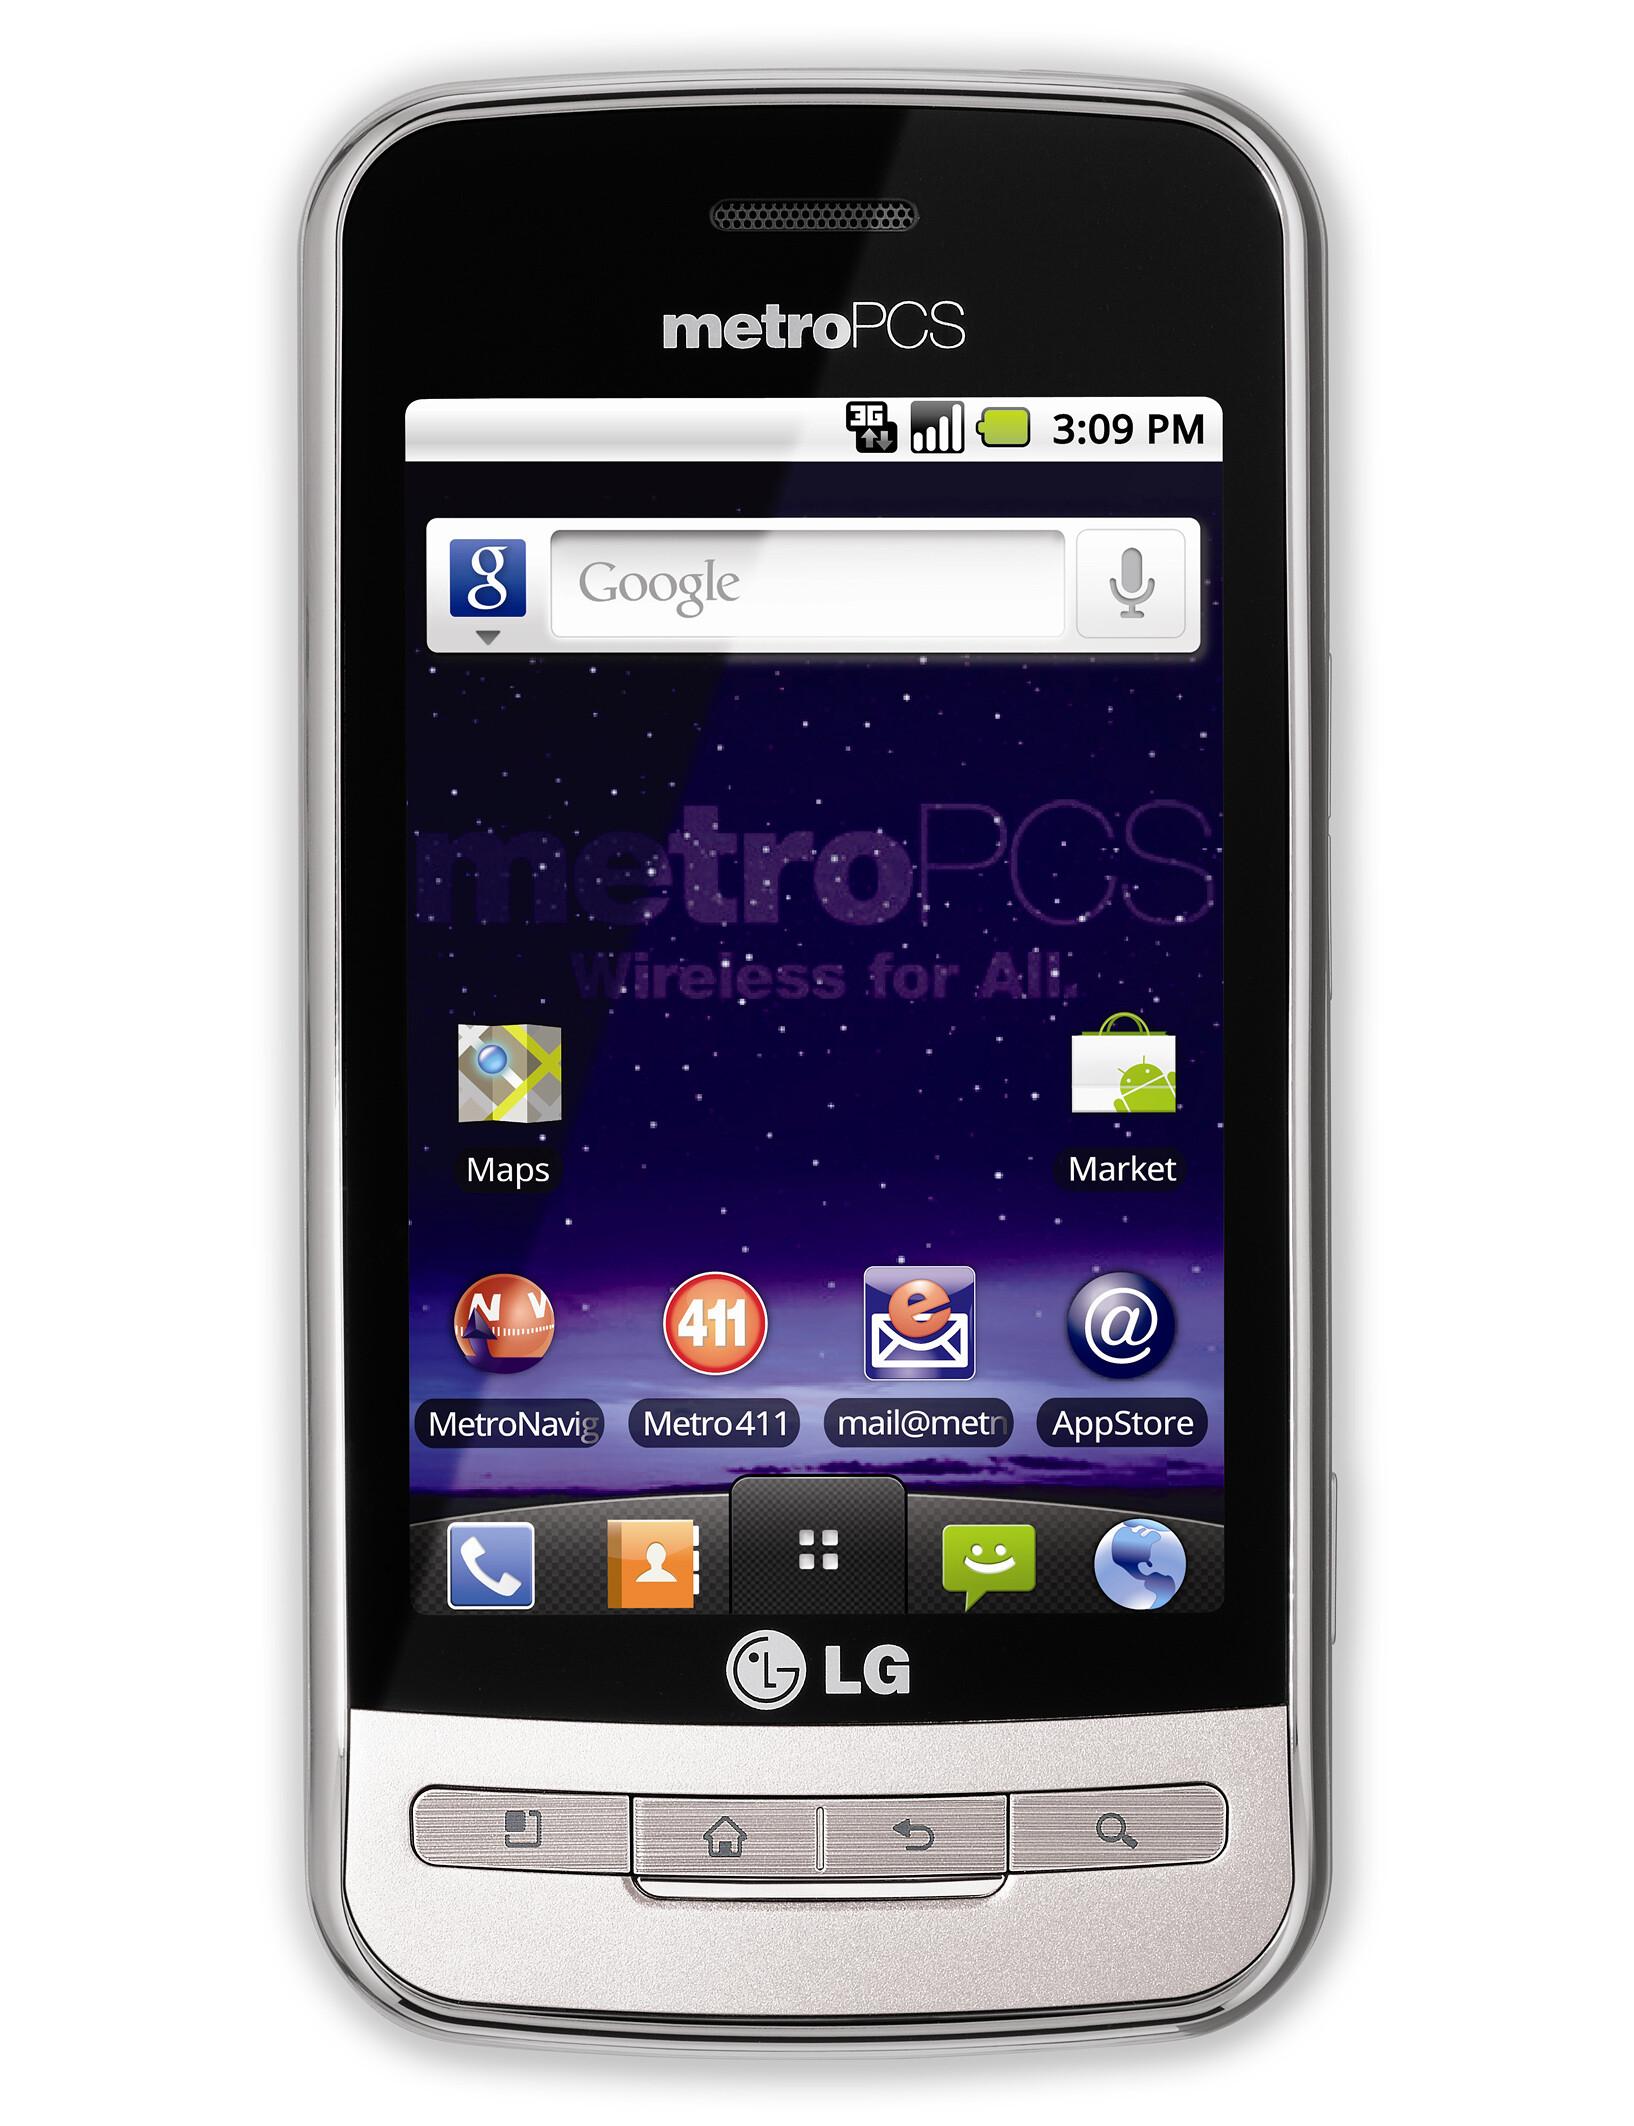 lg ms695 manual various owner manual guide u2022 rh justk co Metro PCS LG Optimus Review LG Optimus M Battery